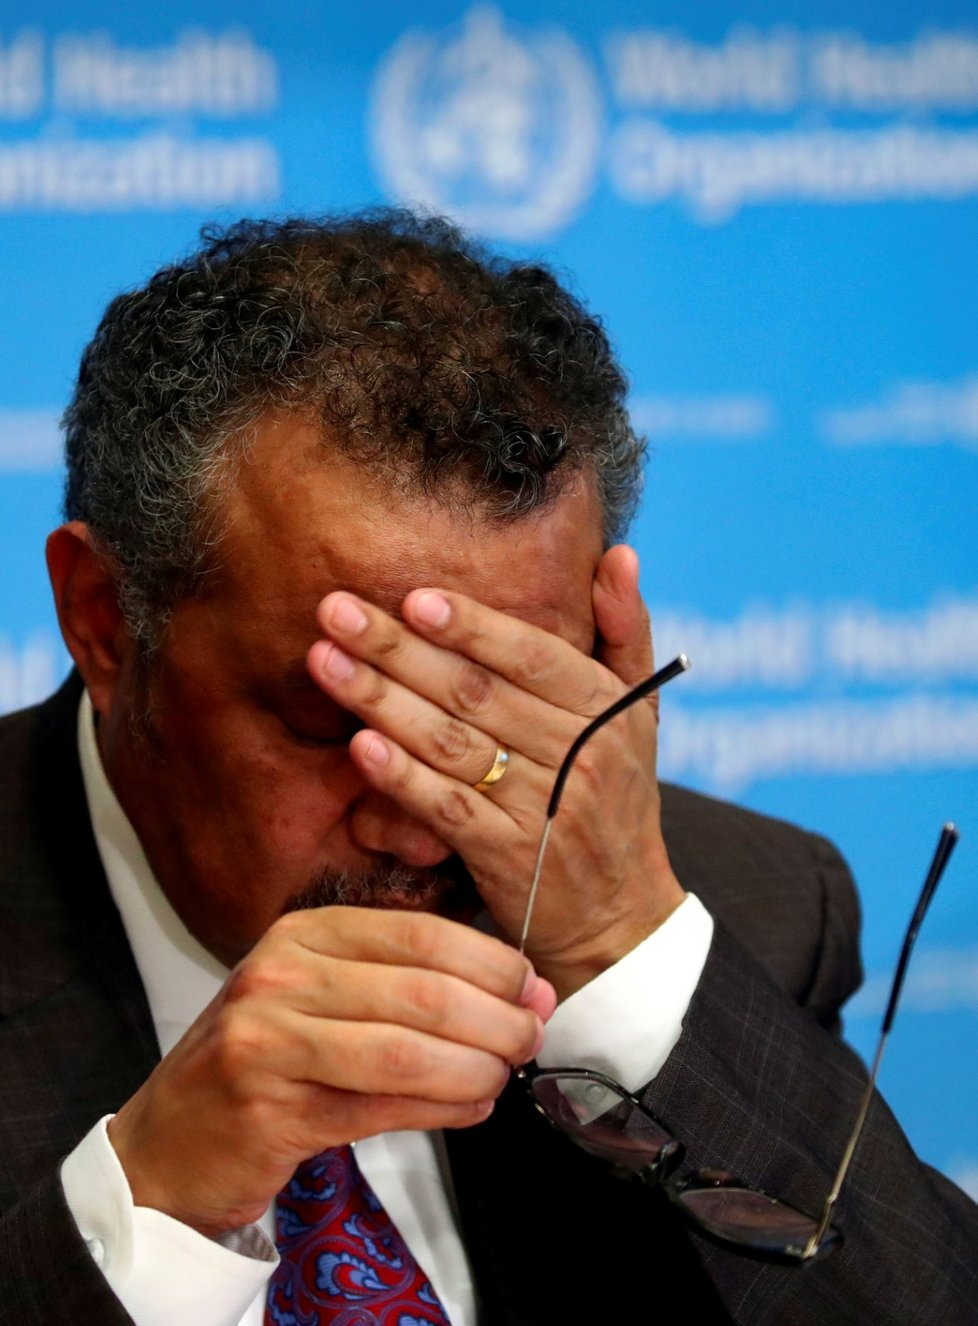 Šéf Světové zdravotnické organizace (WHO) Tedros Adhanom Ghebreyesus